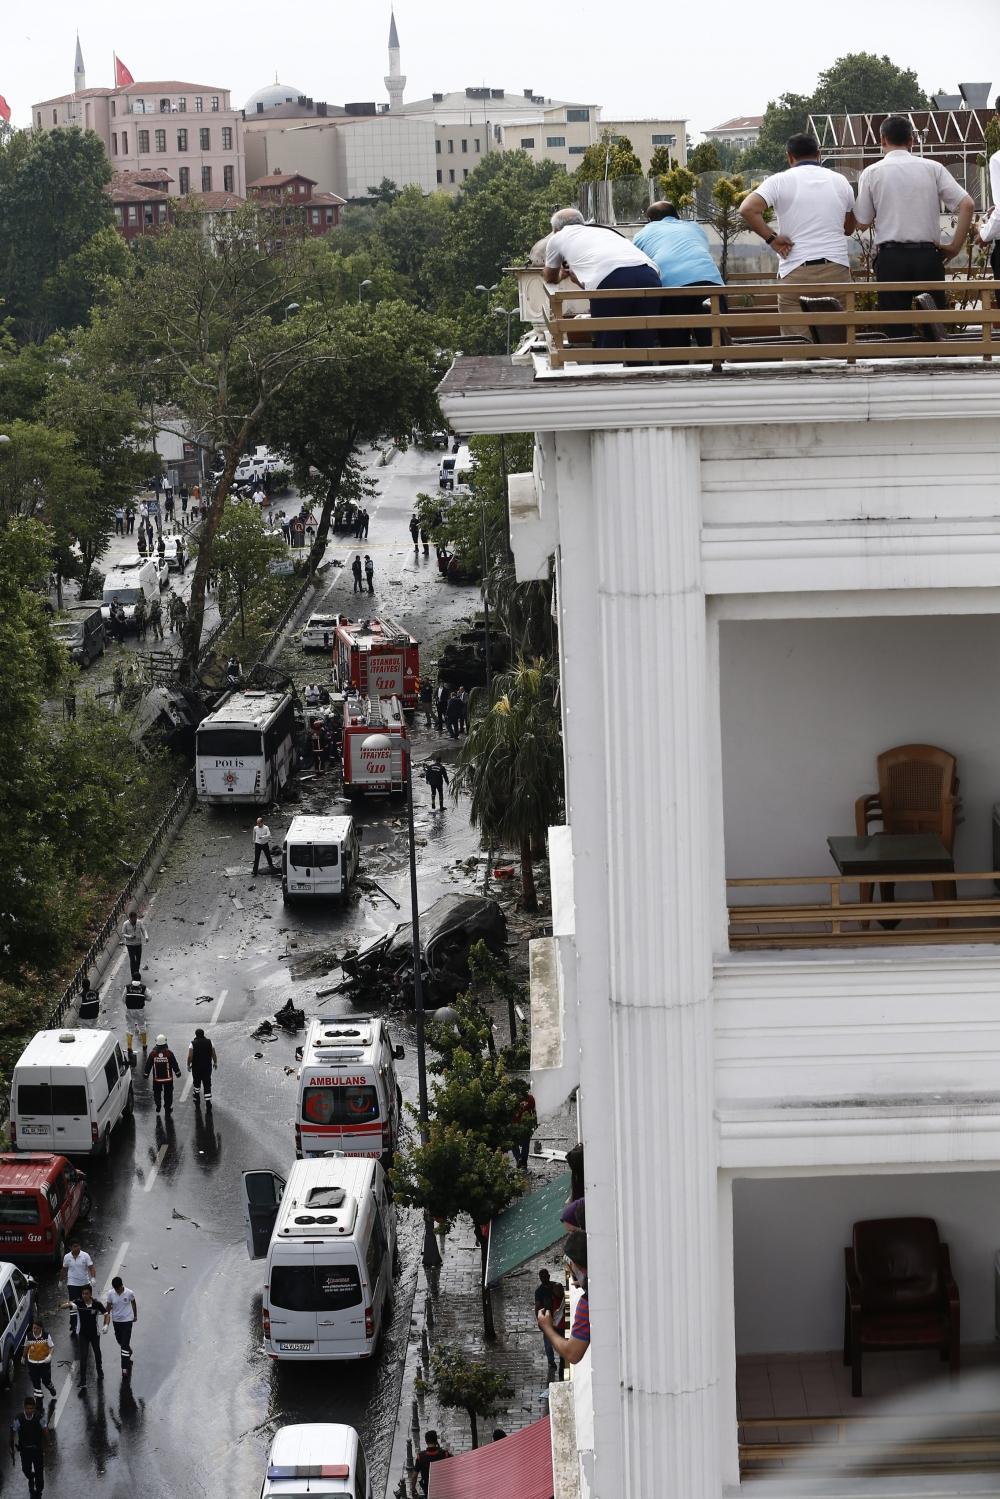 Foto Galeri: İstanbul'da Bombalı Saldırı galerisi resim 4